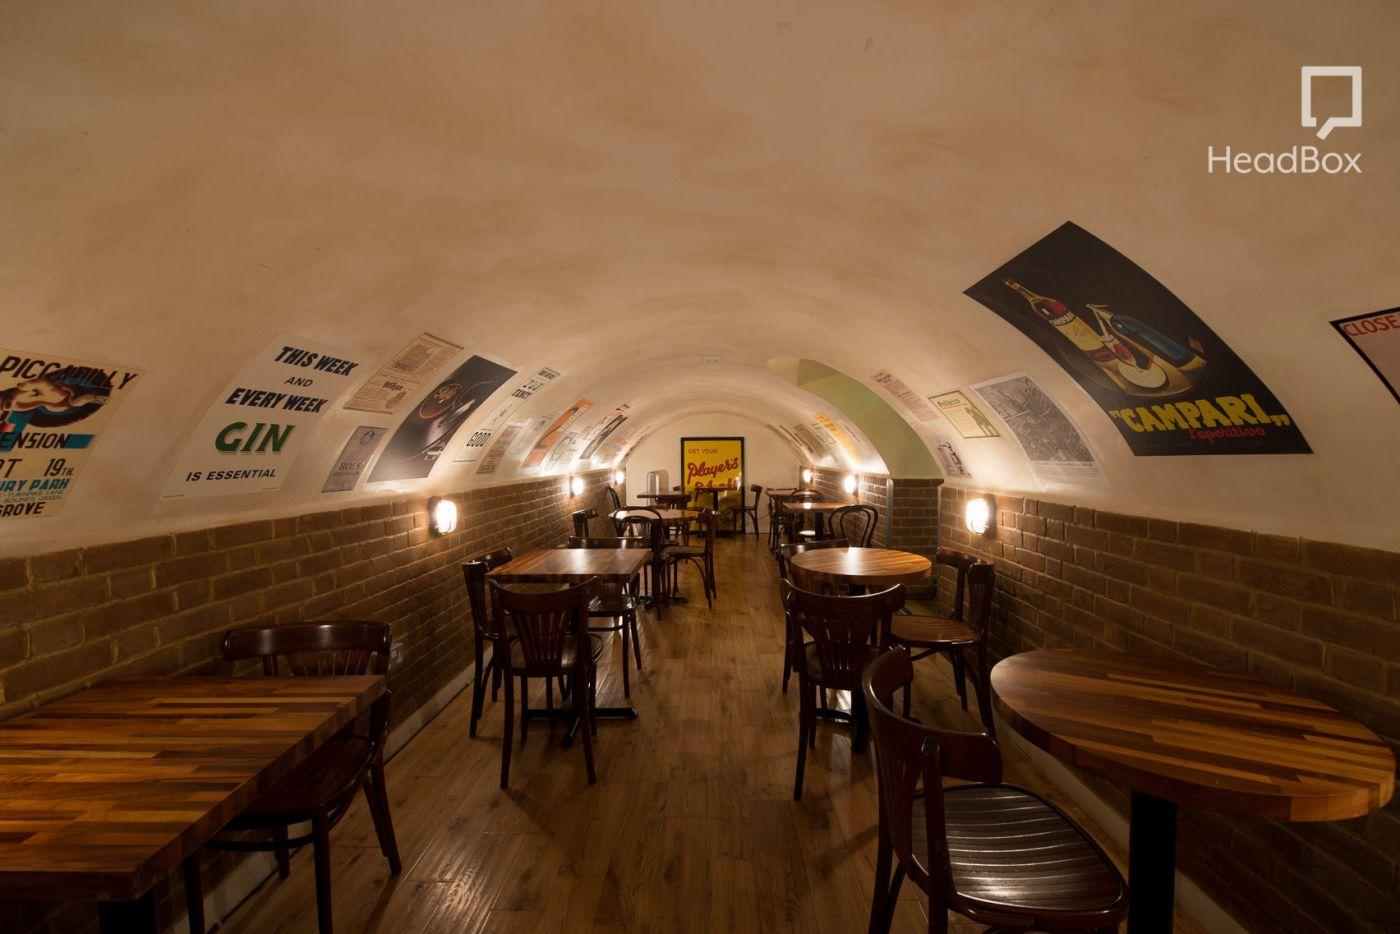 An underground bar in Soho